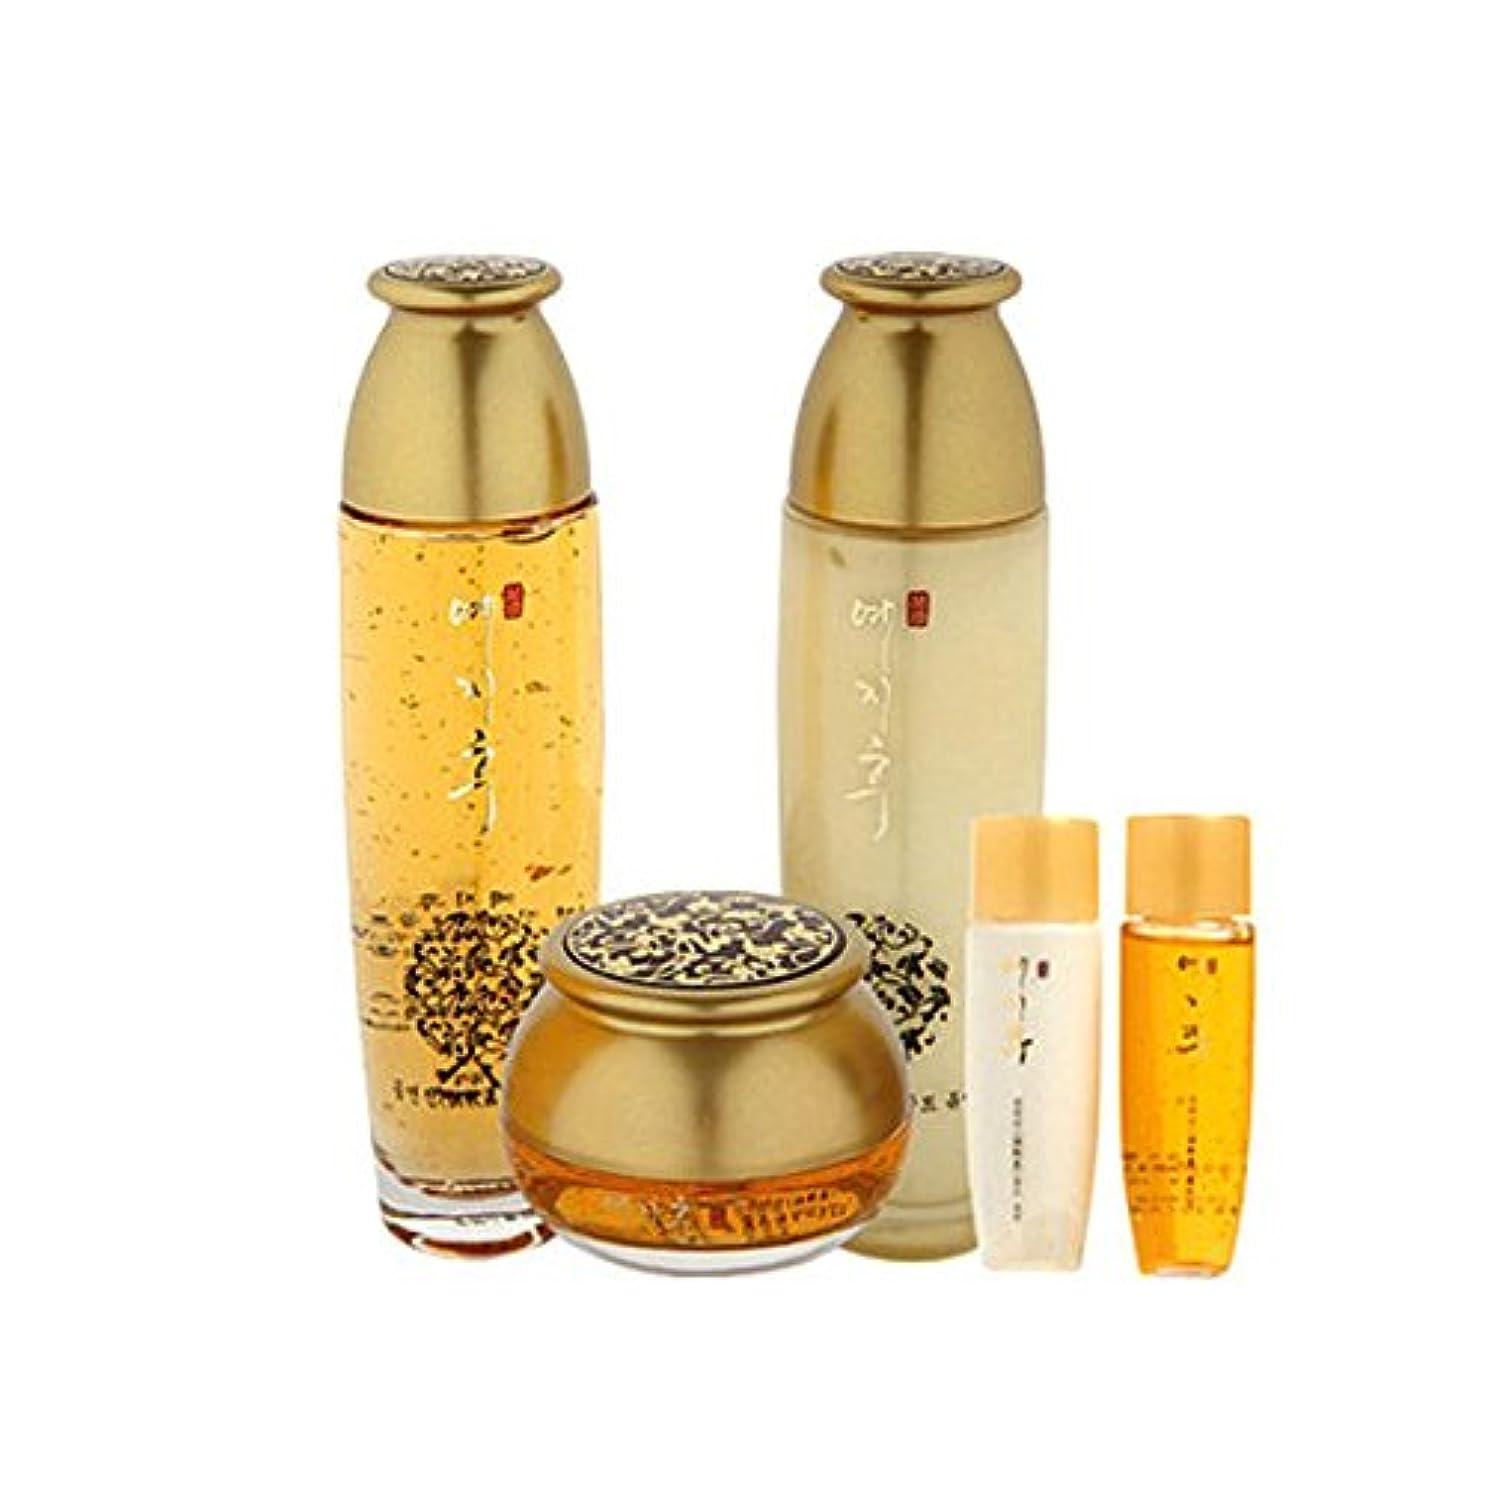 オリエントお母さんドリンク[韓国コスメYEZIHU]99.9% Pure Gold Skin Care Set 99.9%ピュアゴールド漢方スキンケア3セット樹液/乳液/クリーム [並行輸入品]